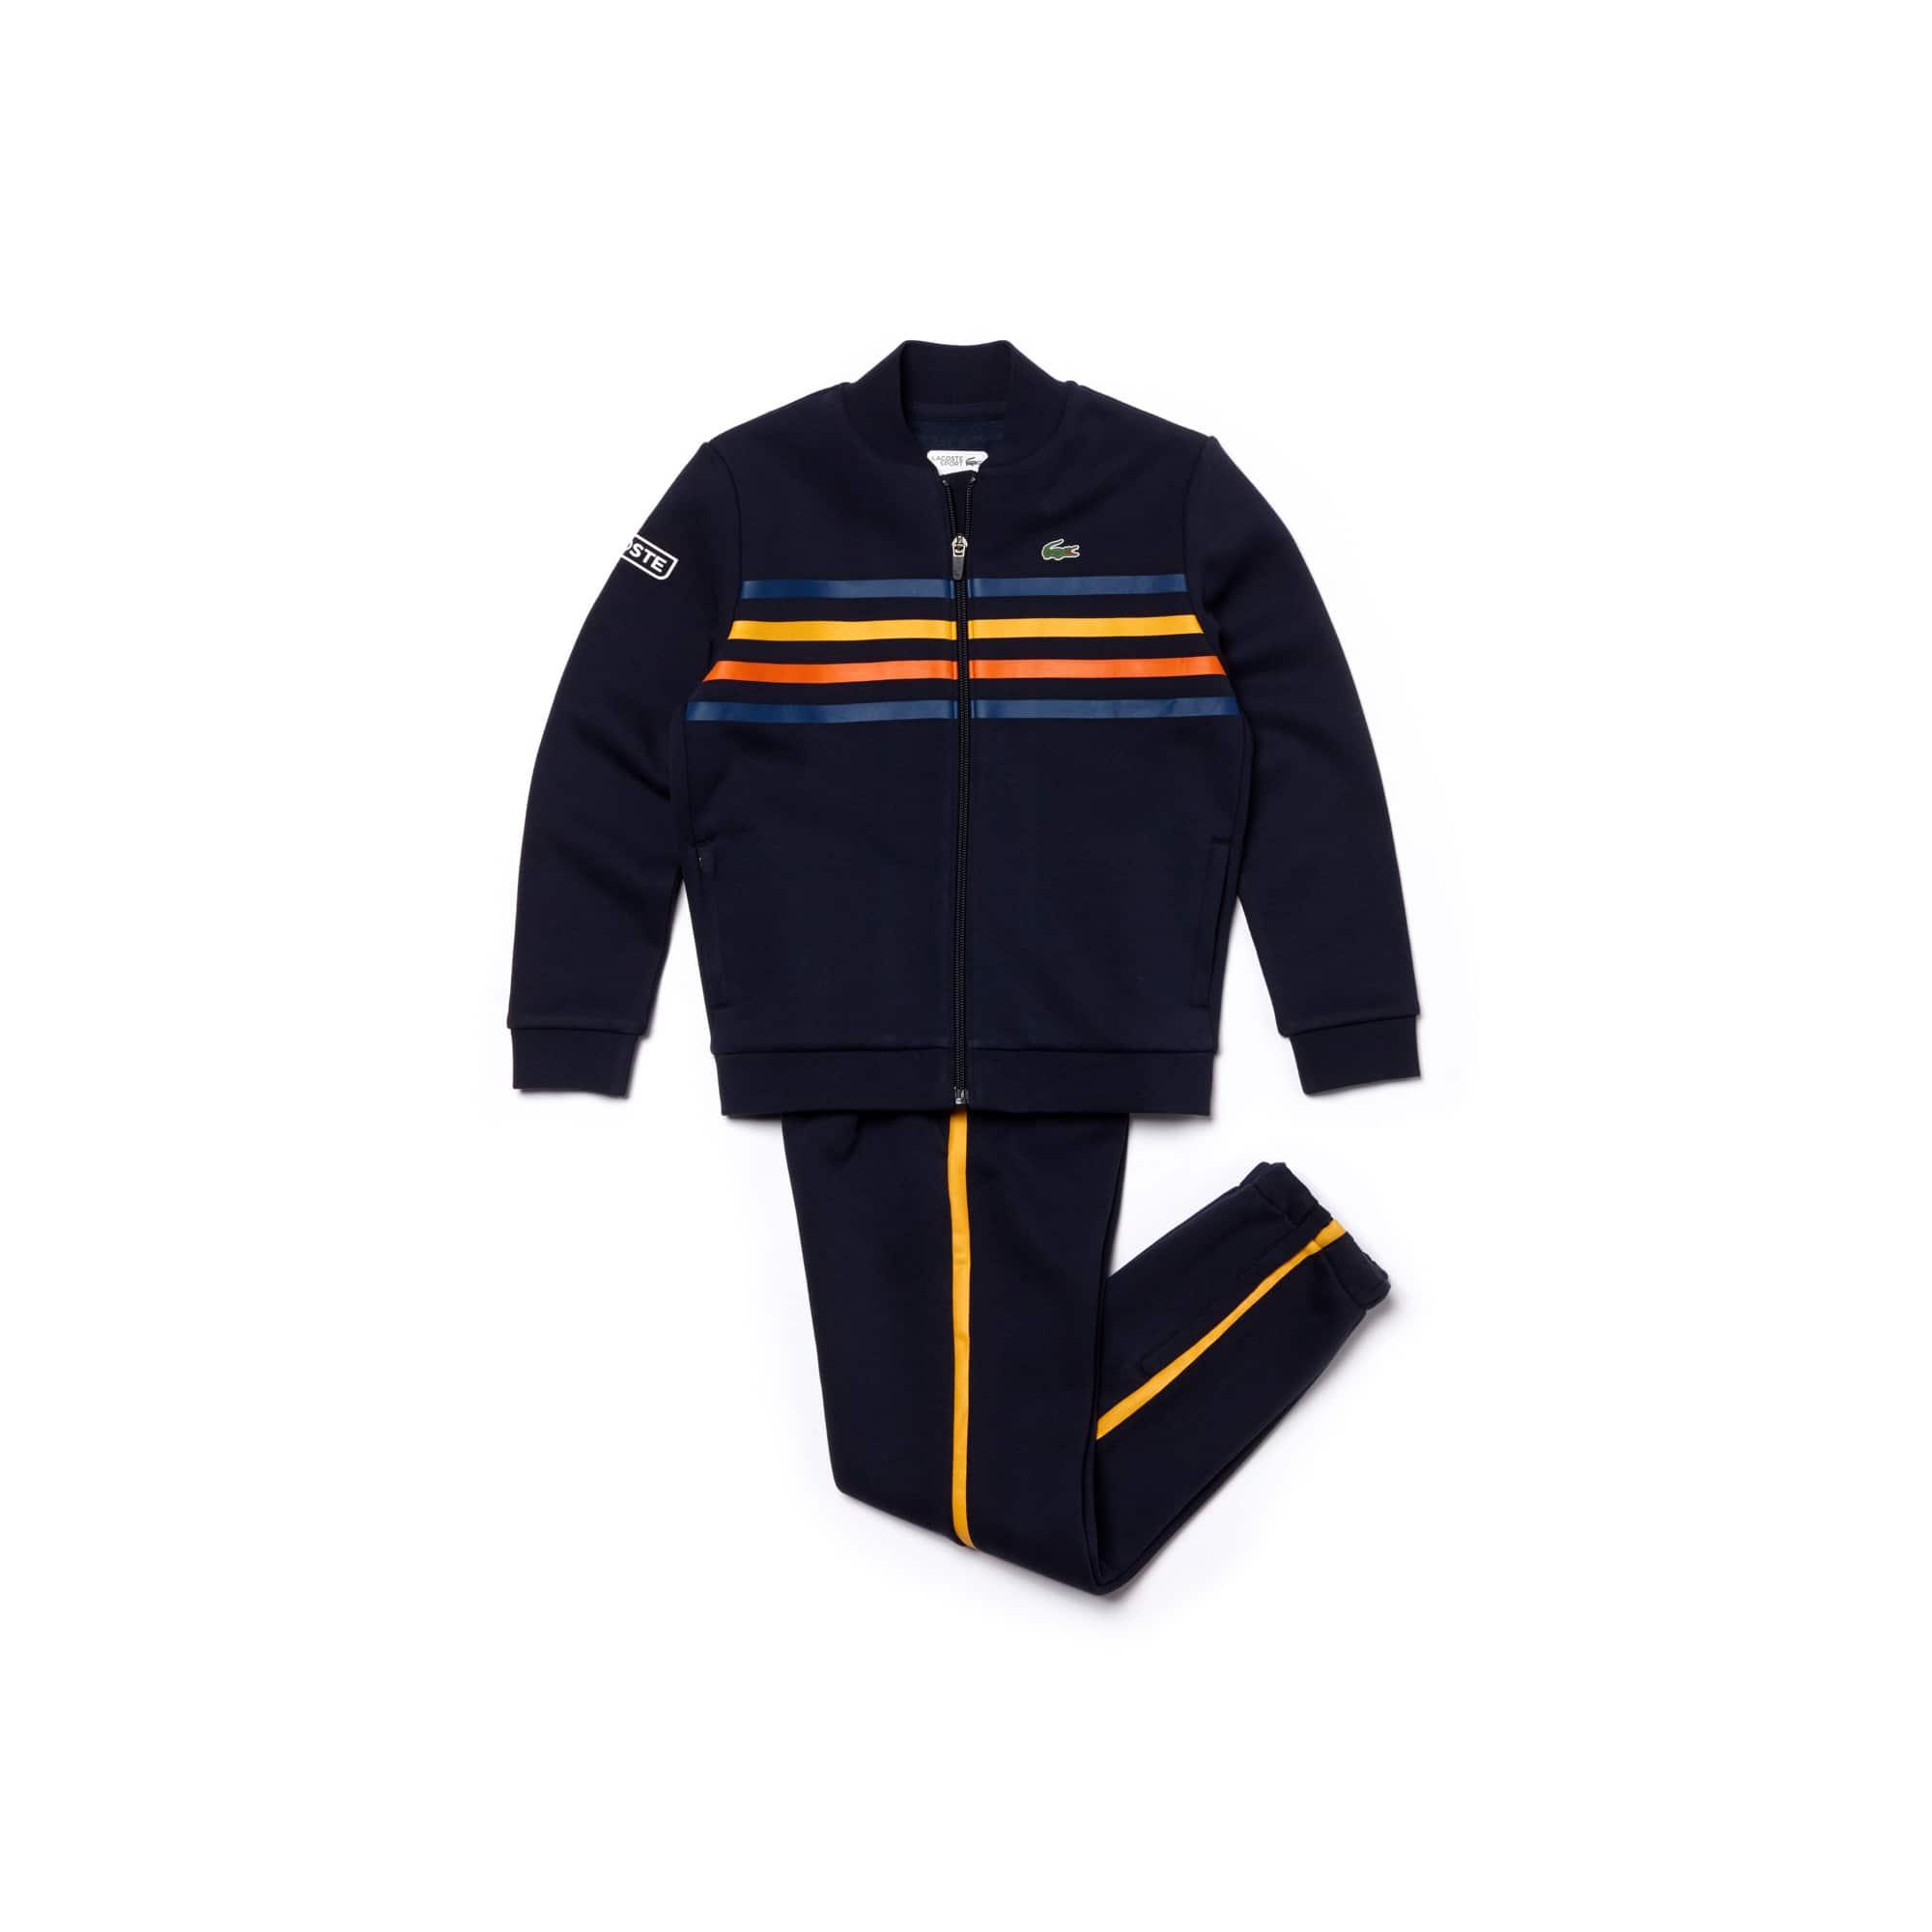 Jungen LACOSTE SPORT Fleece Tennis-Trainingsanzug